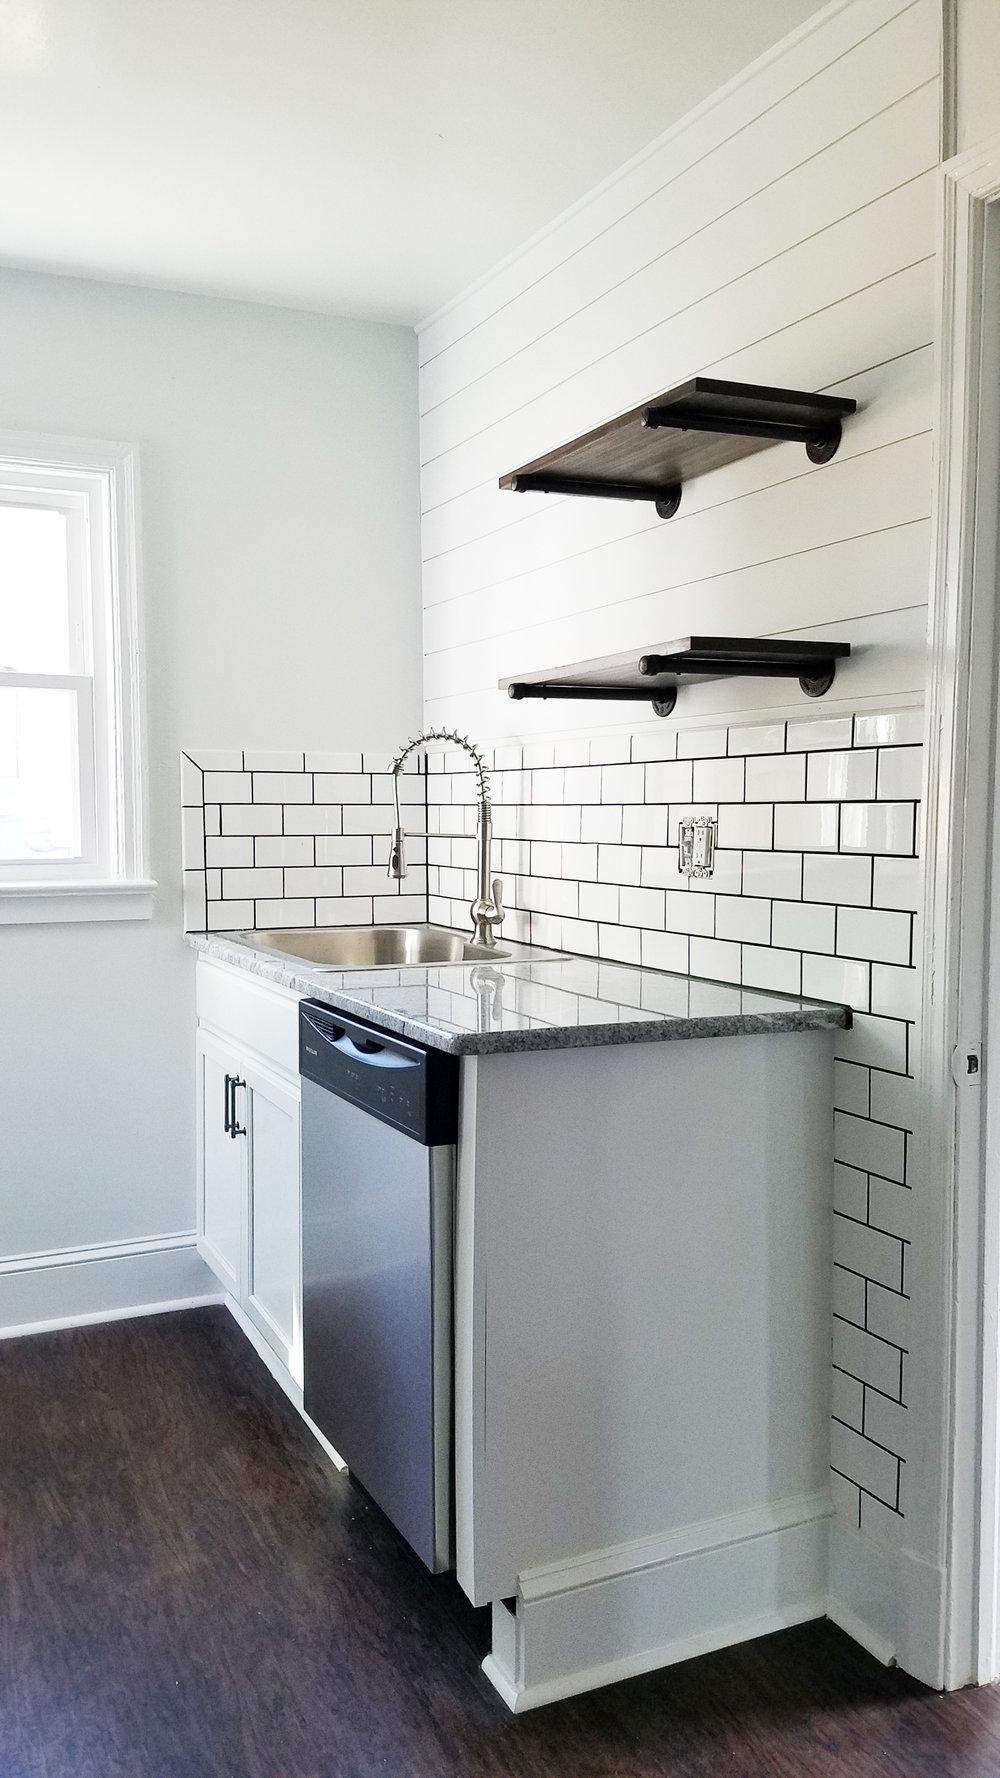 Haymount Homes Glenville House Kitchen 55.jpg